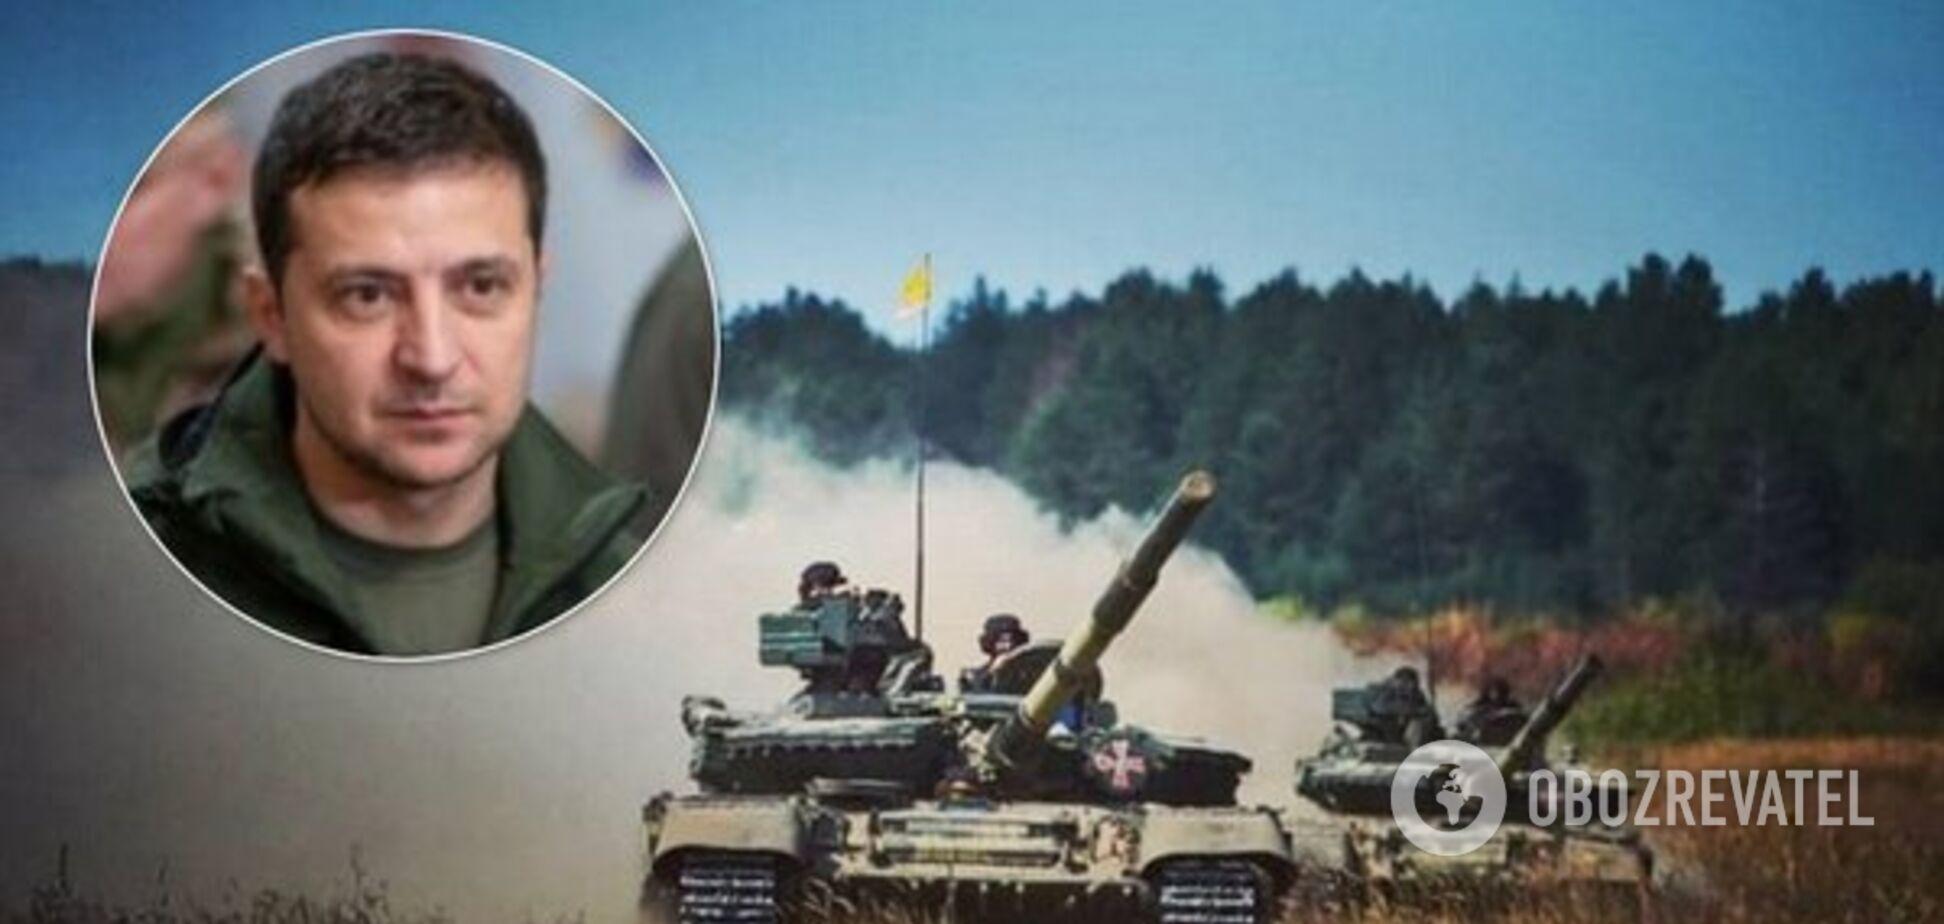 Зеленський назвав головну проблему виборів у ОРДЛО